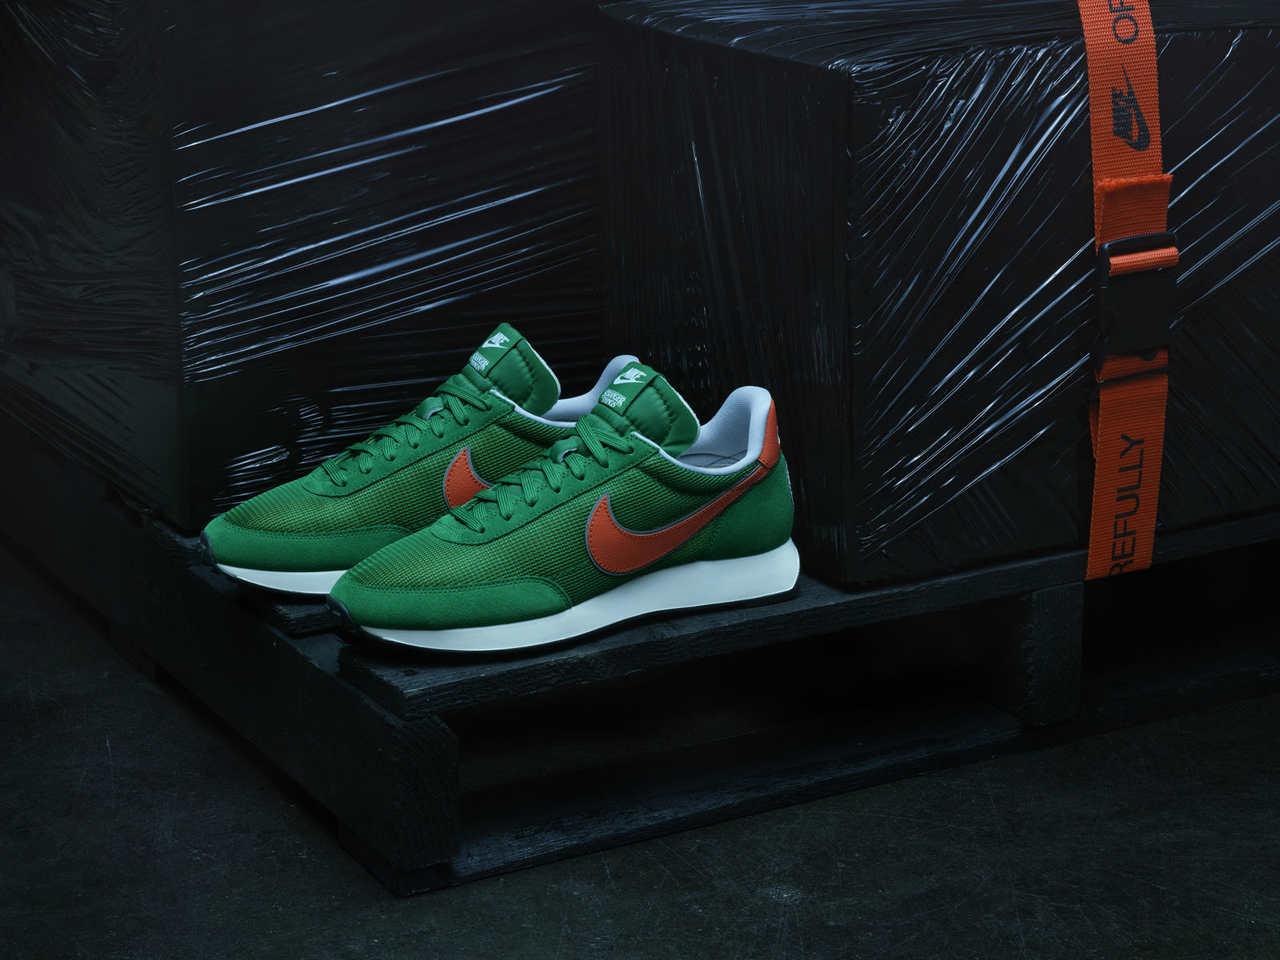 Nike wypuszcza kolekcję inspirowaną Stranger Things » Zagrano.pl